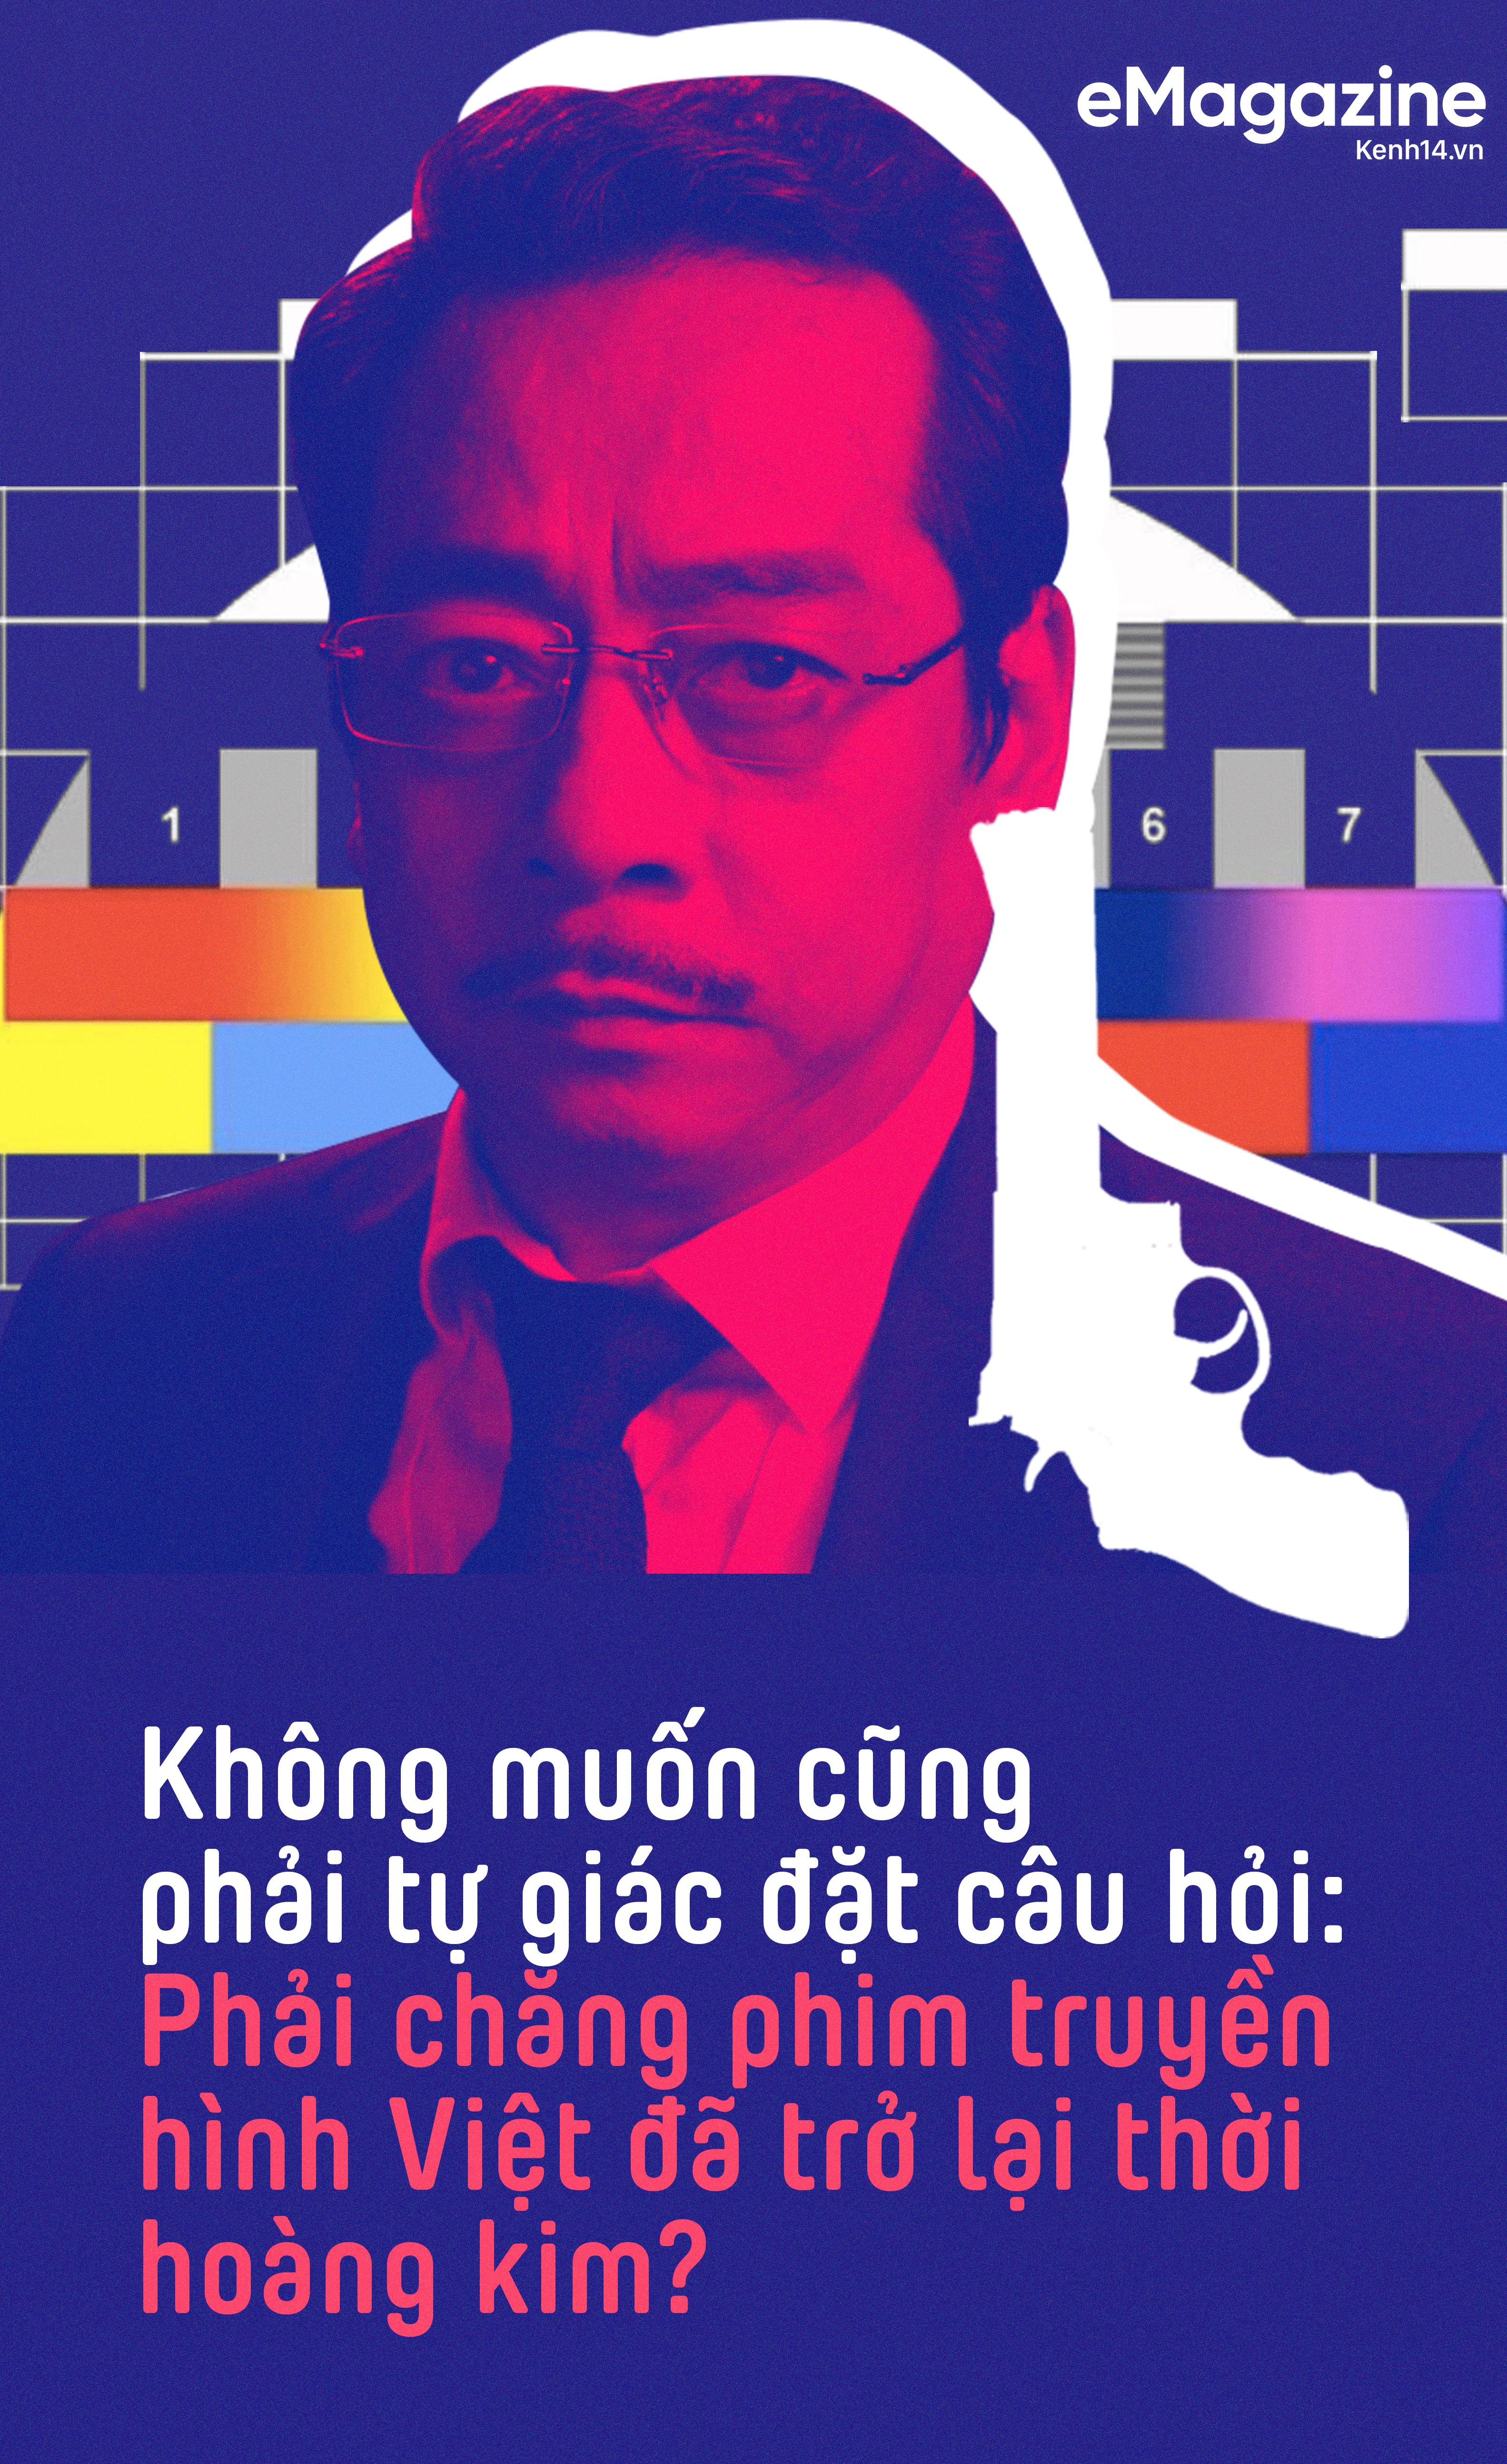 Cuối cùng thì một người phán xử hay một bà mẹ chồng cũng không thể kéo phim Việt đi lên - Ảnh 1.